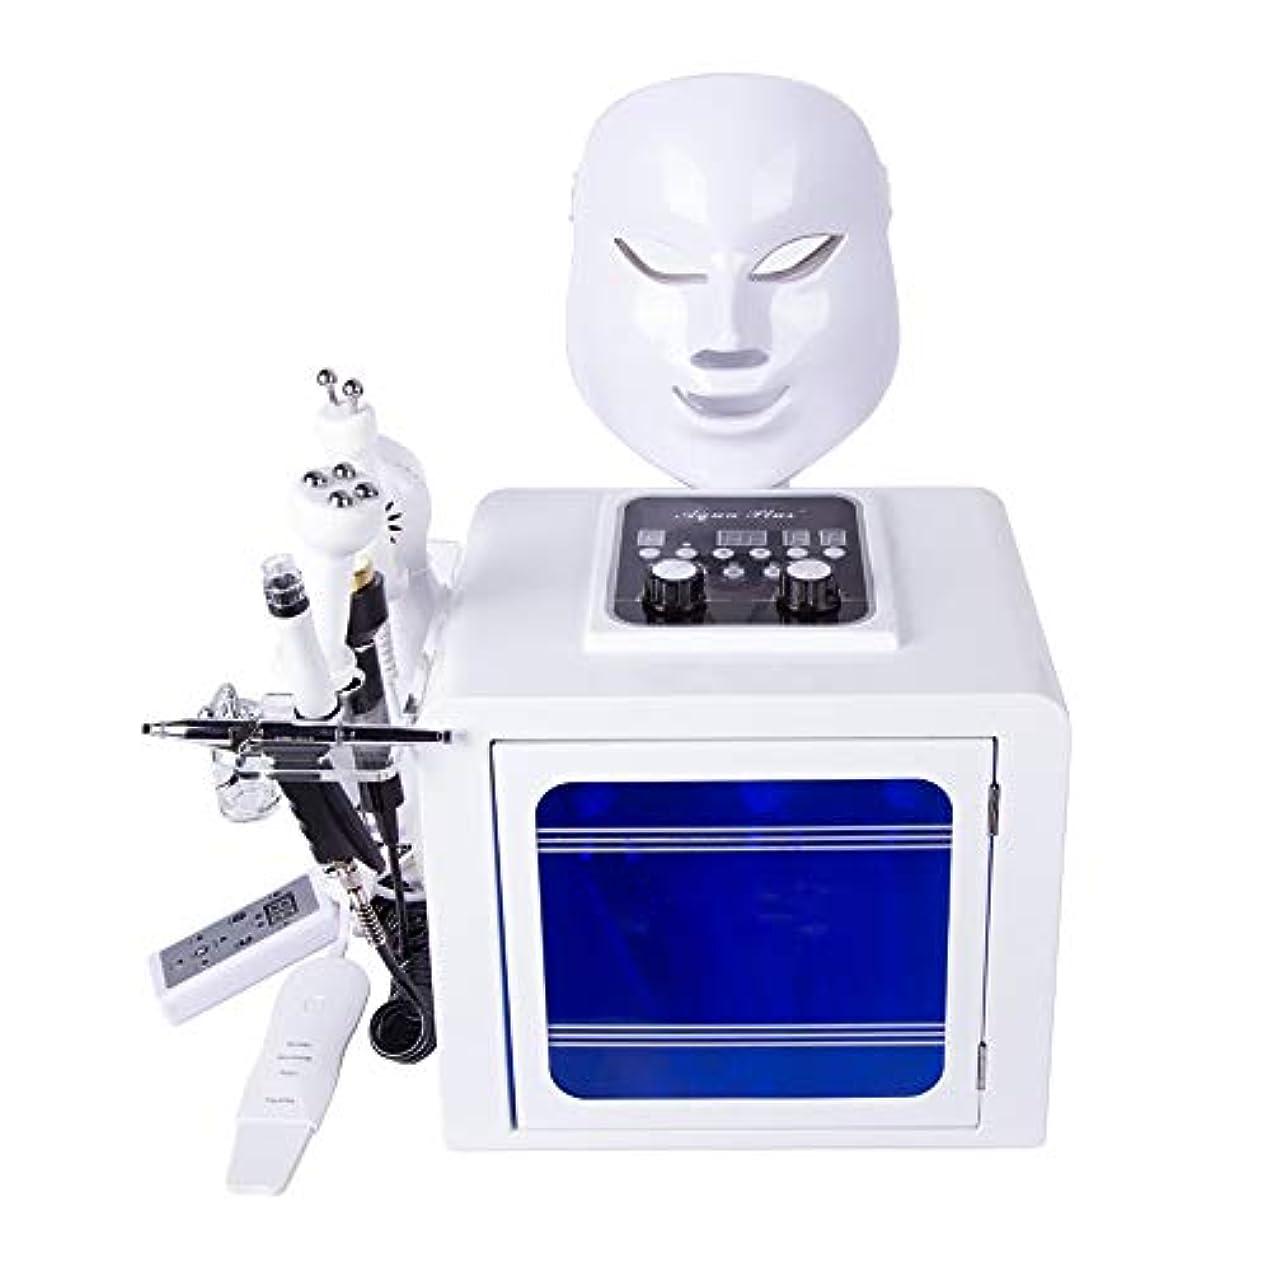 恐ろしいシェードオン8 1つの水の酸素マシンでは、スキンケアインジェクションフェイシャルモイスチャライジングクリーニング毛穴クリアのためのBIOマイクロマッサージ皮膚剥離ツールを持ち上げる無線周波数ハイドロジェ